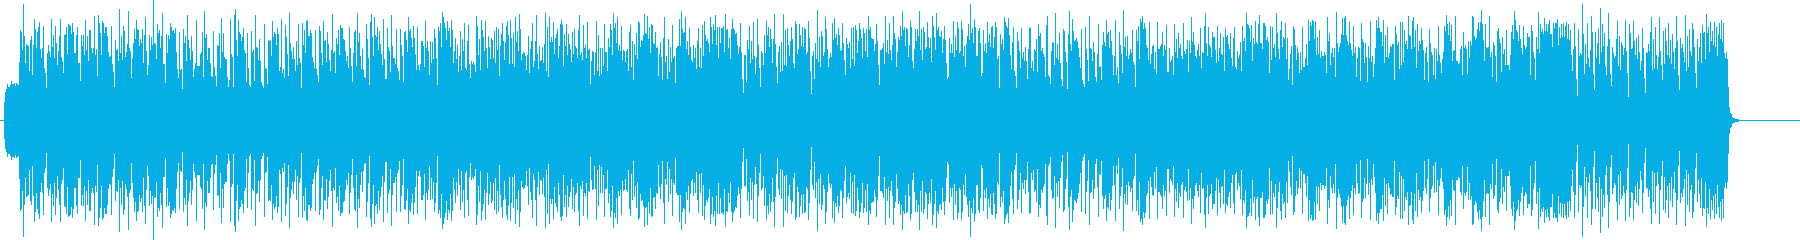 オープニングを飾るハデなロック/ファンクの再生済みの波形